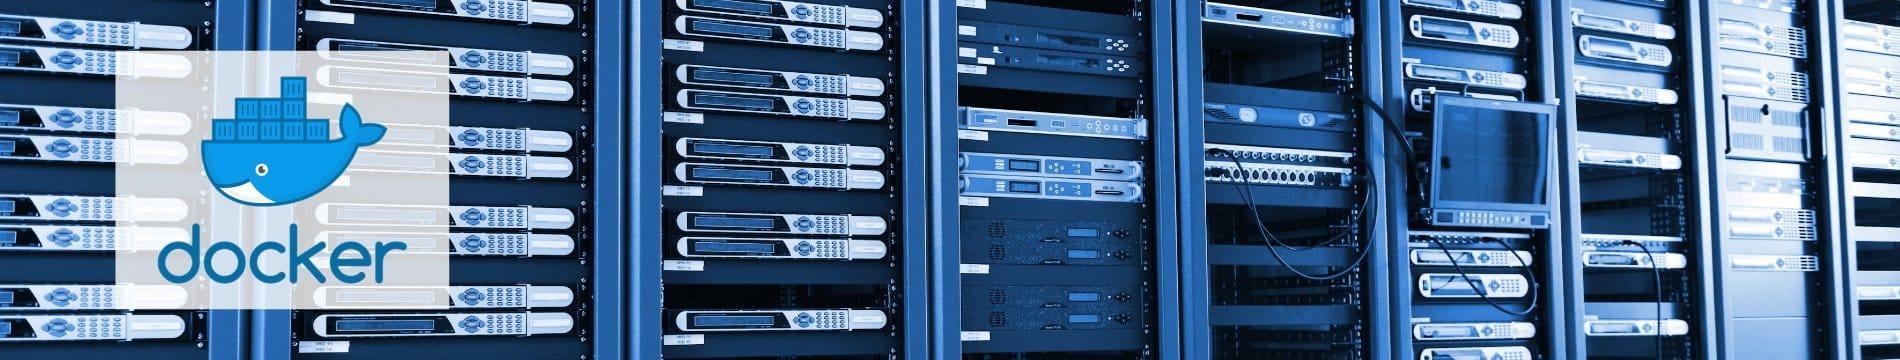 Formazione, Corsi, Certificazioni, Laboratori, Docker. Corso Docker, Docker Fundamentals, Docker for Enterprise Operators, Docker for Enterprise Developers, Docker Security